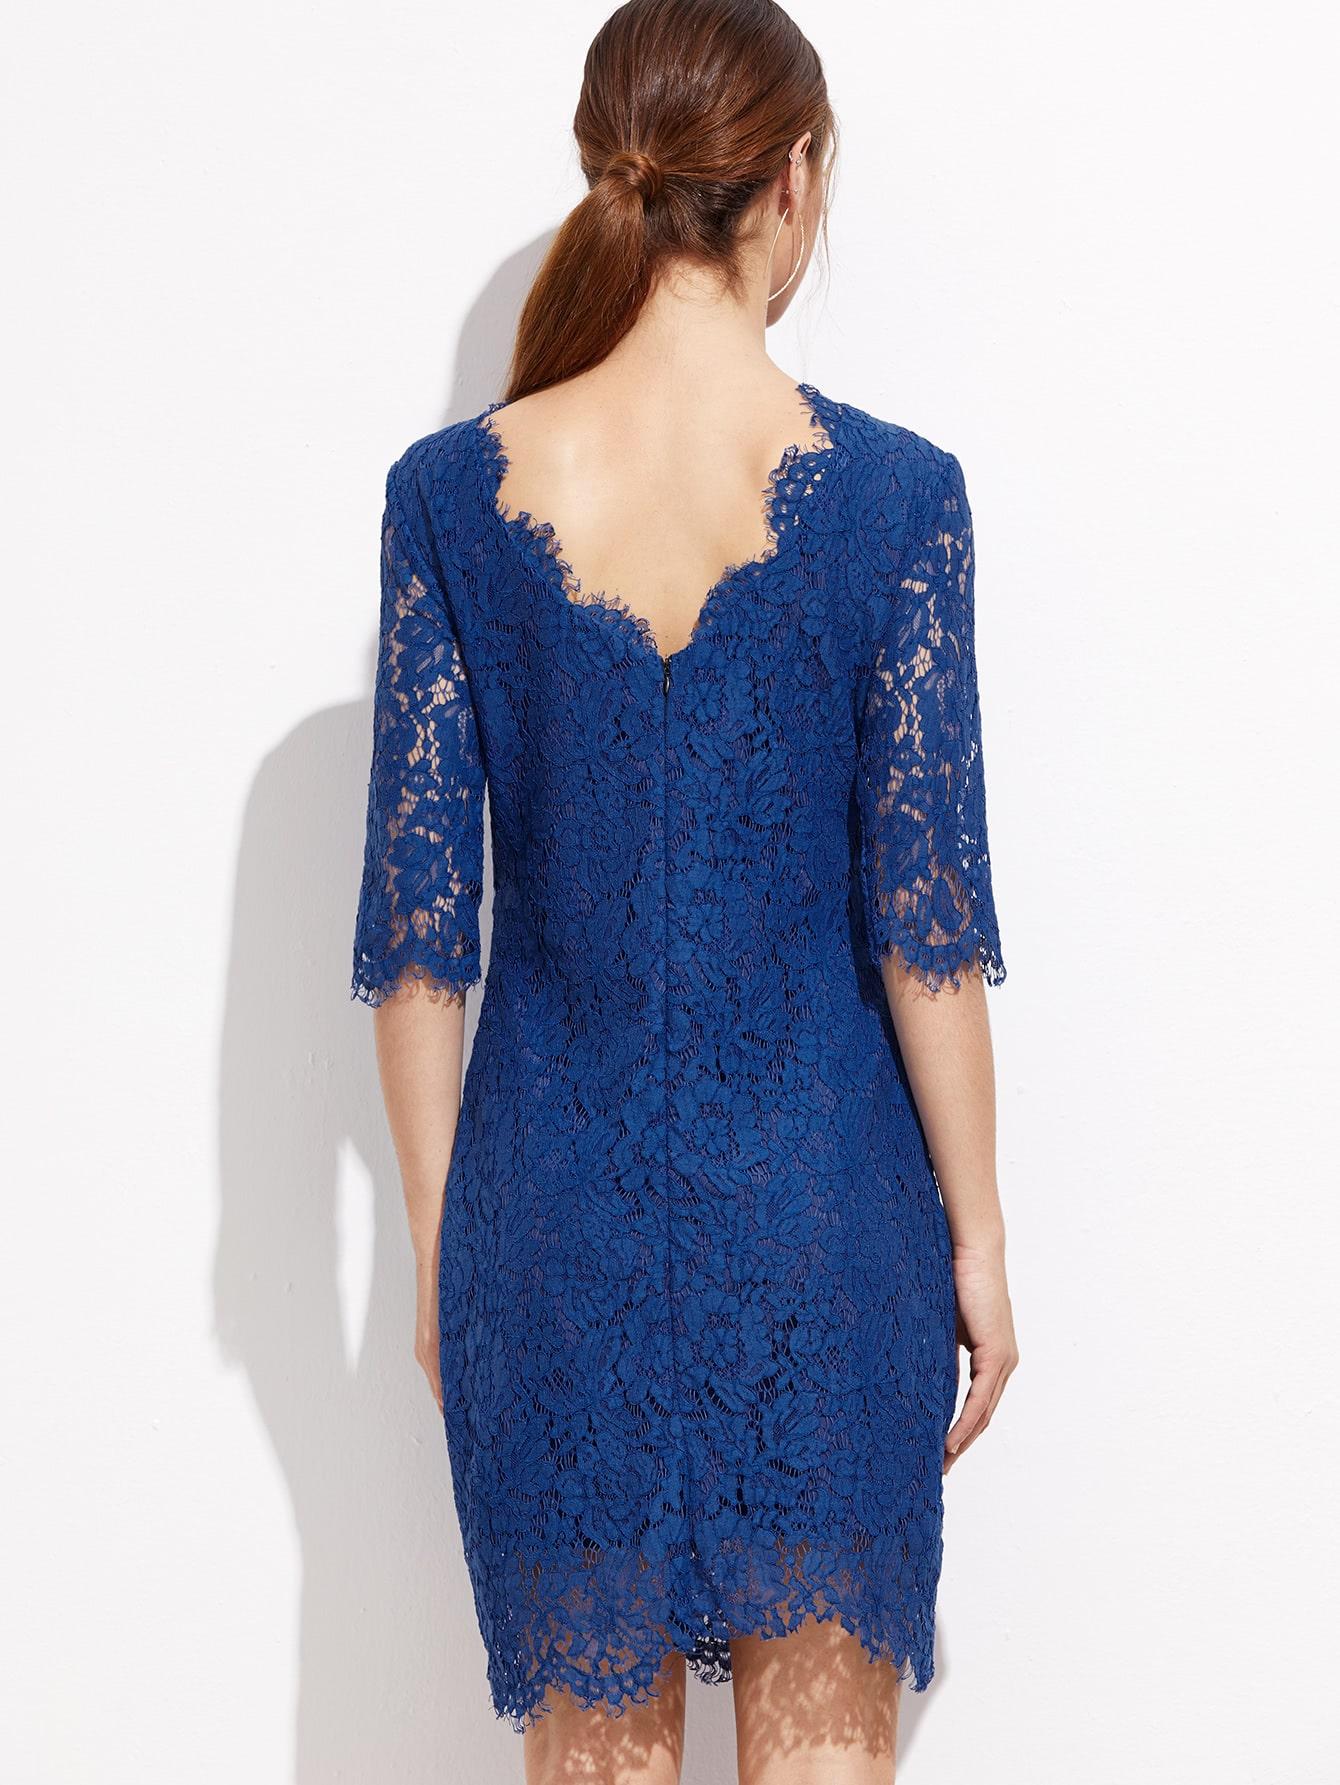 dress161026301_2